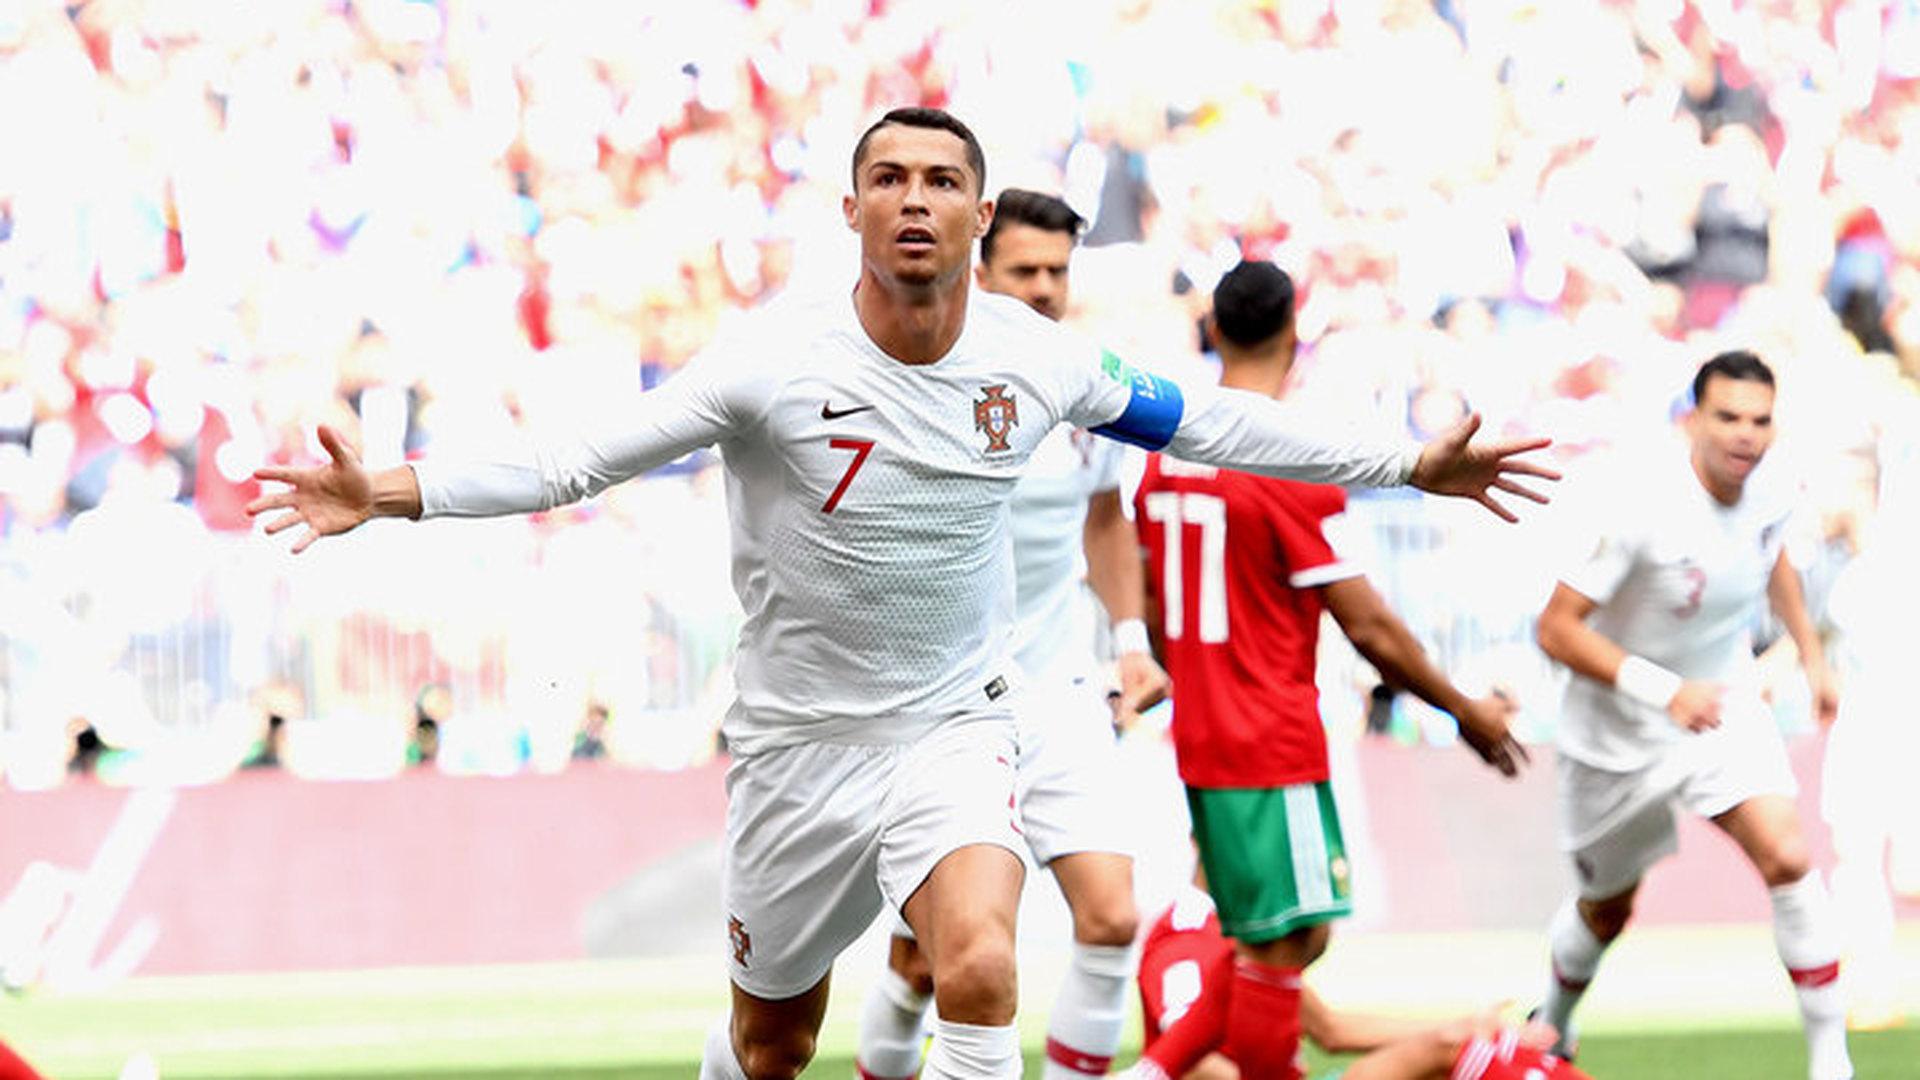 Сборная Португалии одержала тяжелейшую победу над командой Марокко